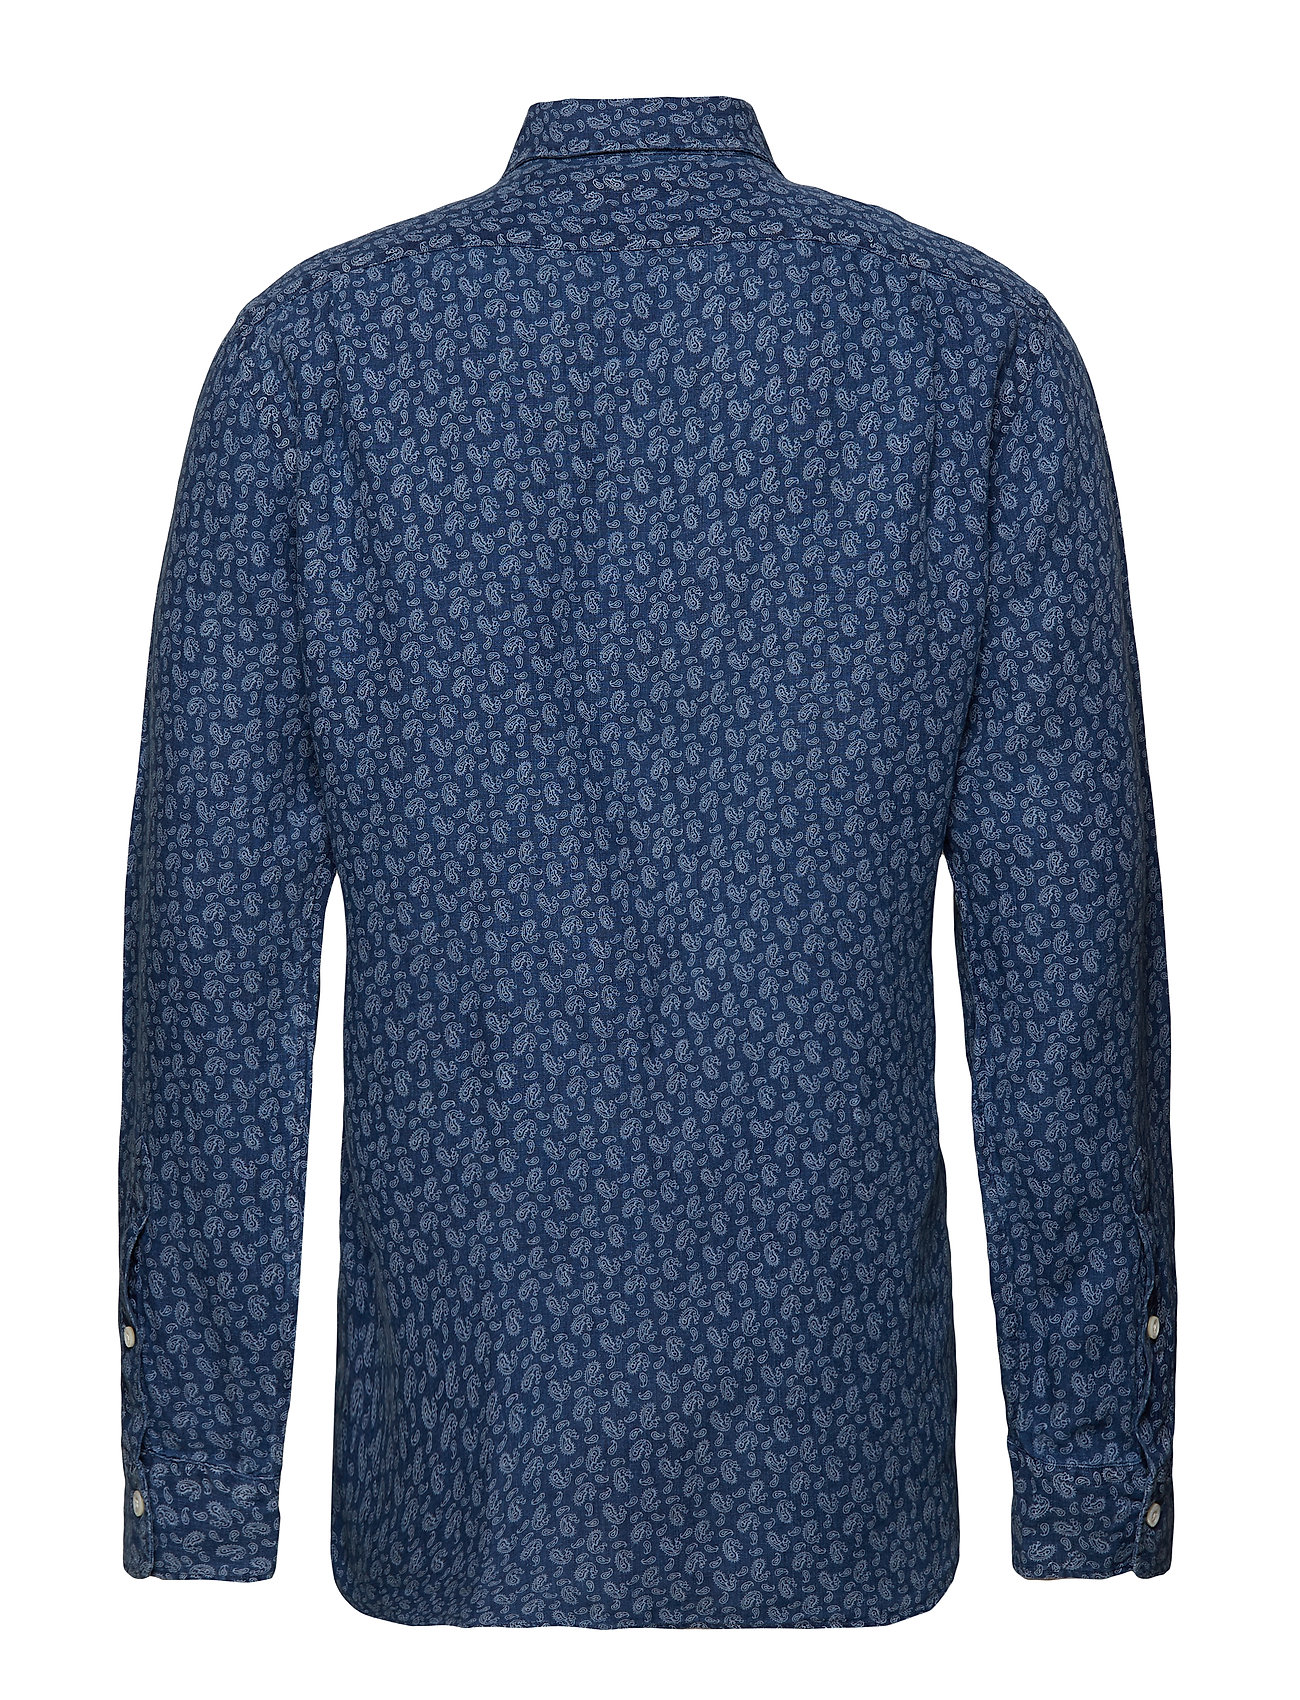 Spr Brwnstn-long Sleeve-sport Shirt (3283 Indigo Paisl) (678 kr) - Polo Ralph Lauren